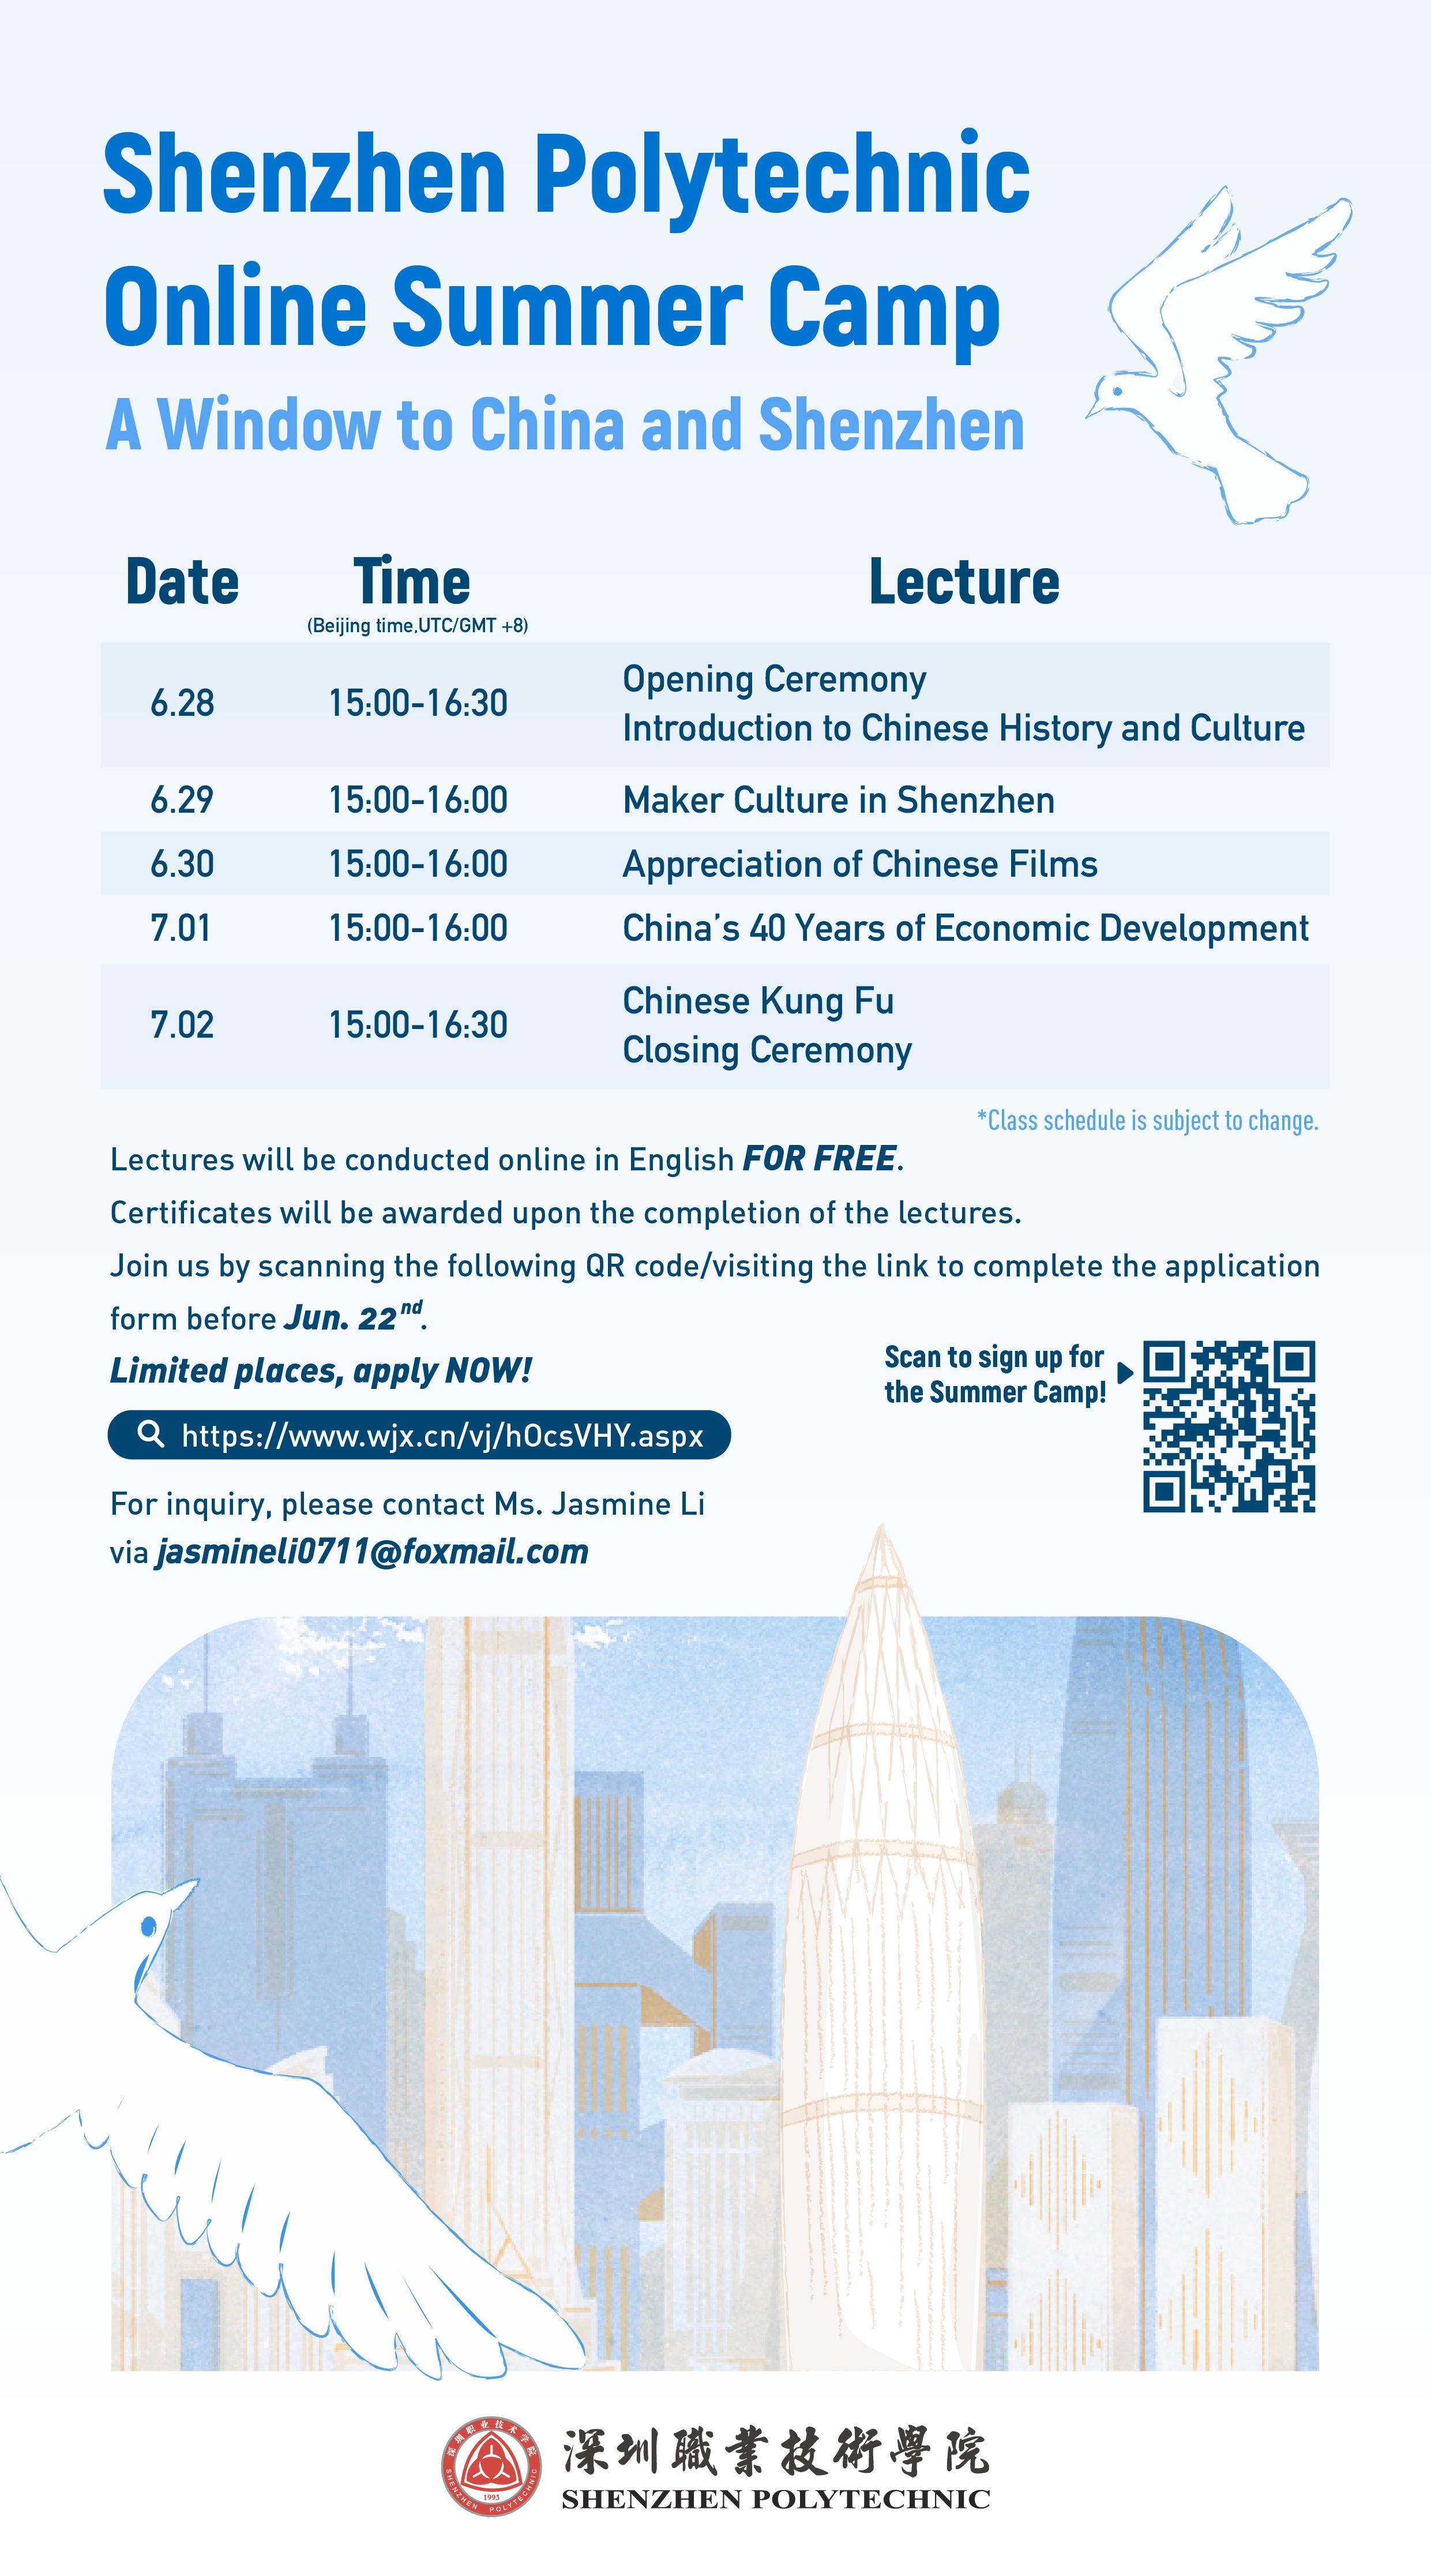 2021 Shenzhen Polytechnic Online Summer Camp